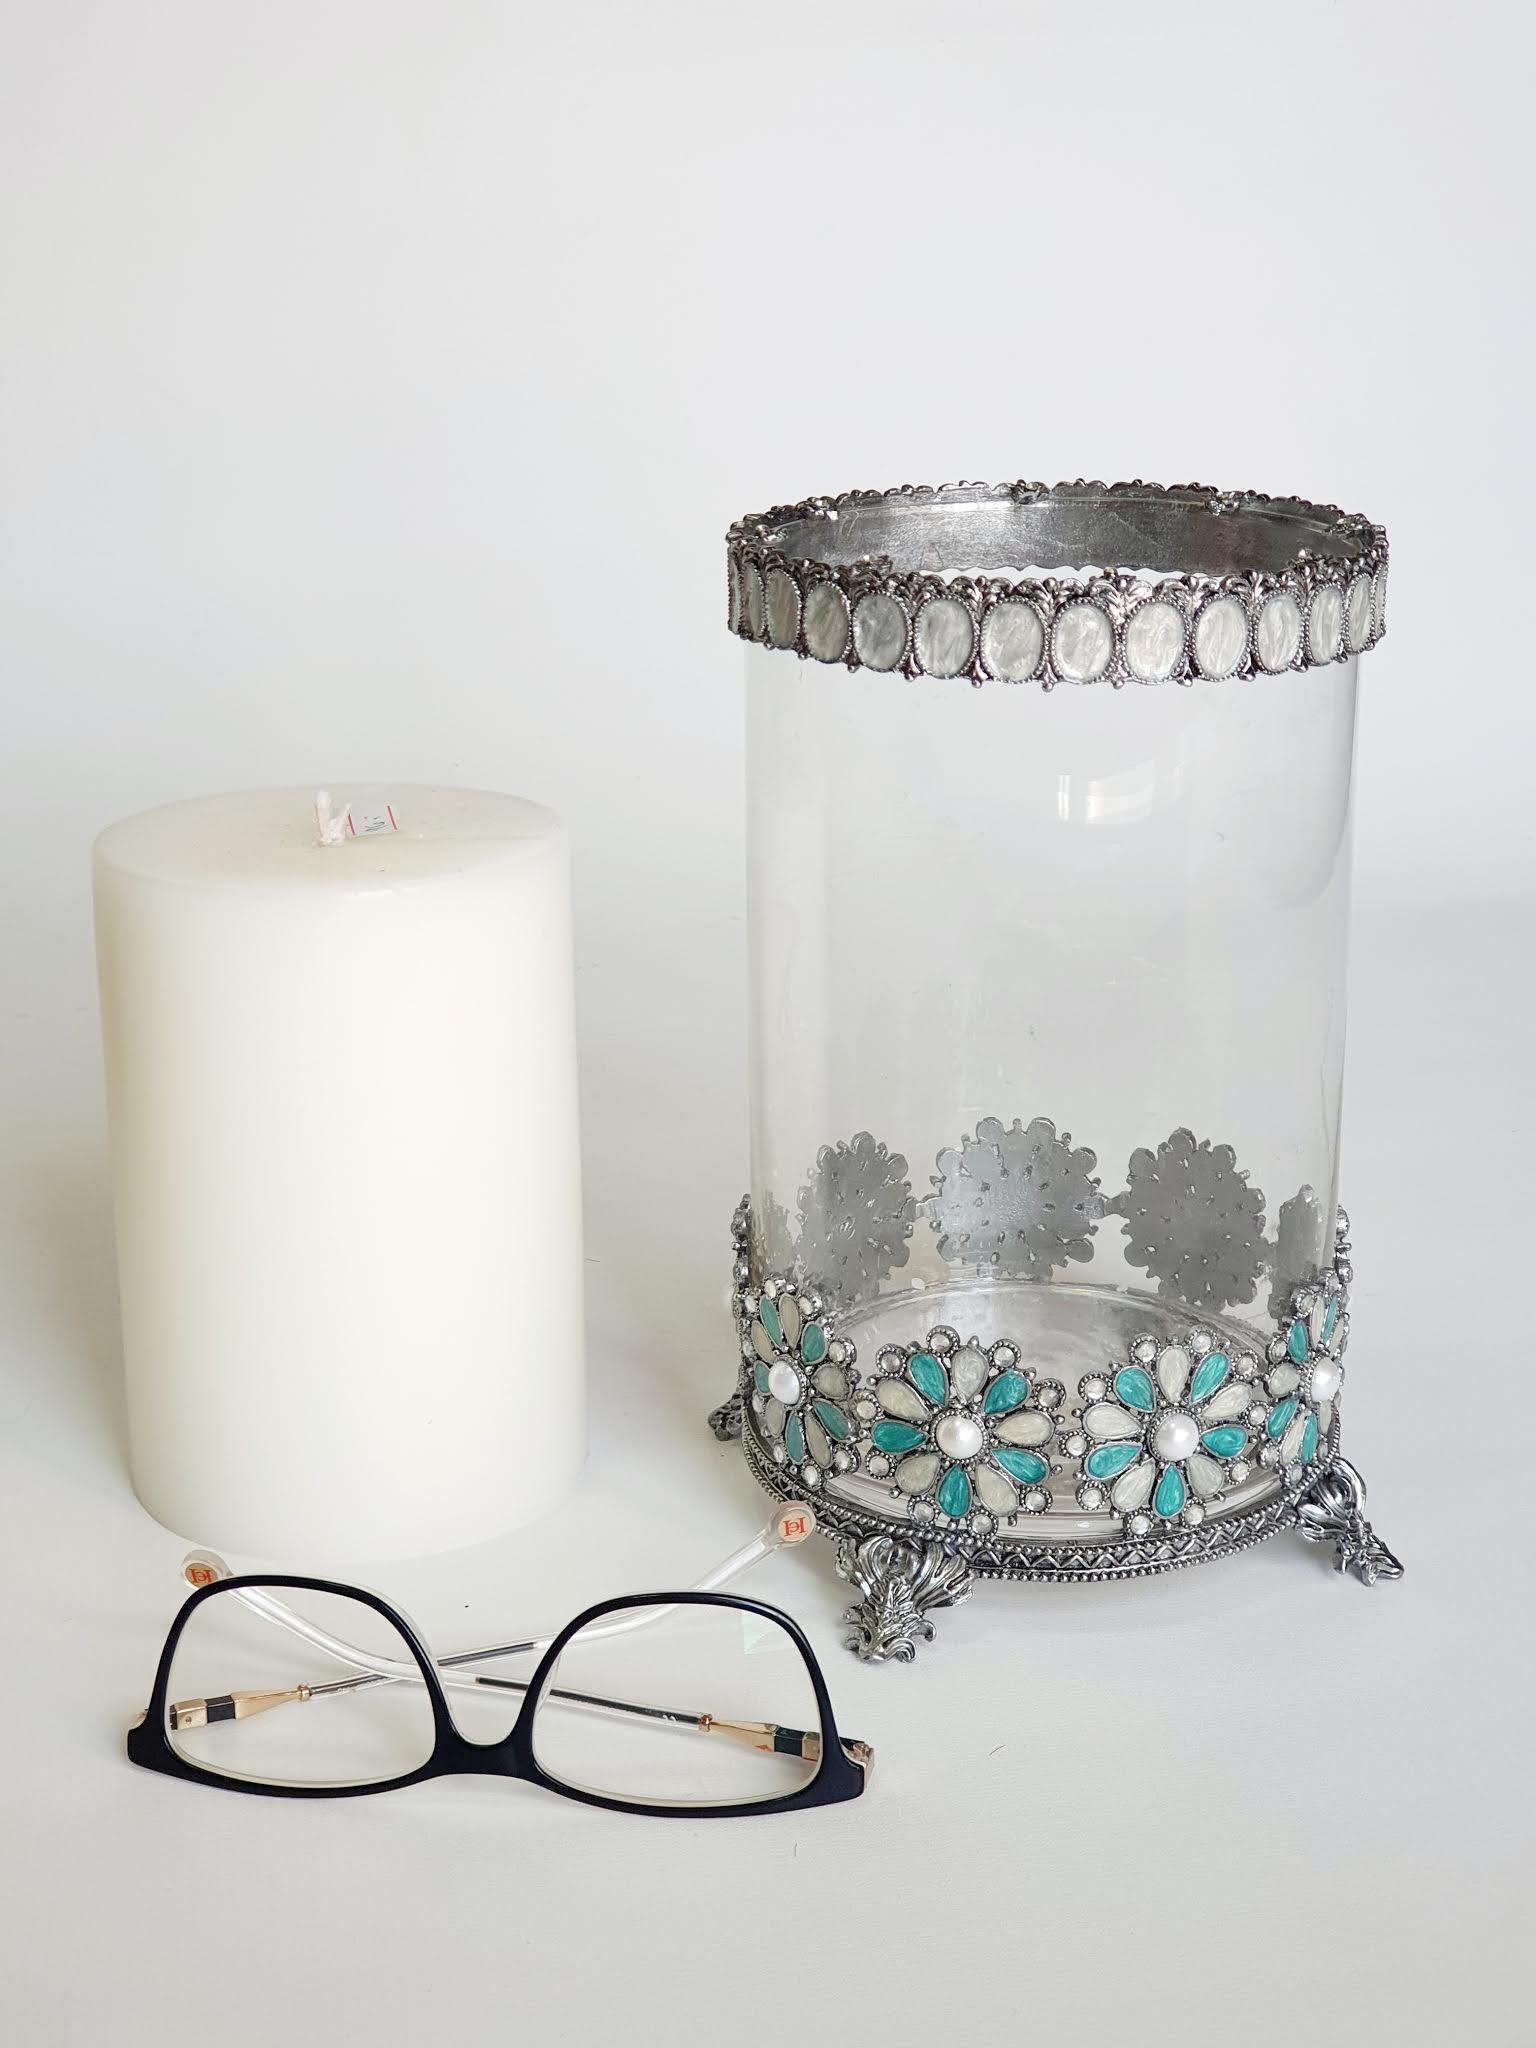 פמוט זכוכית מעוצב